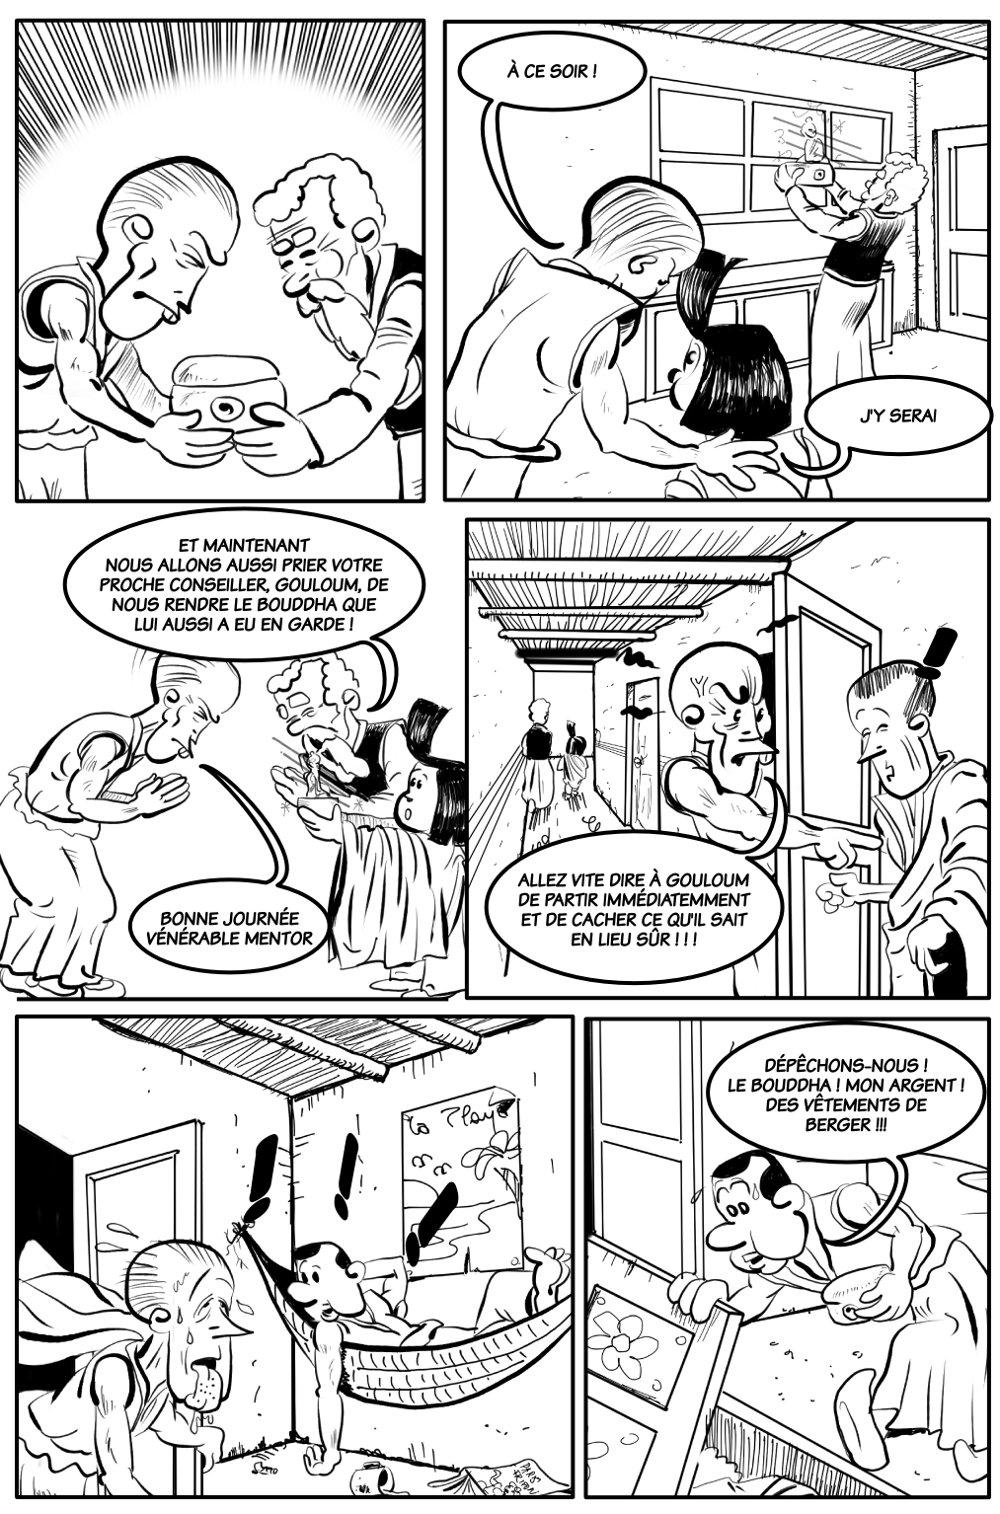 lapislazuli-08-02-047